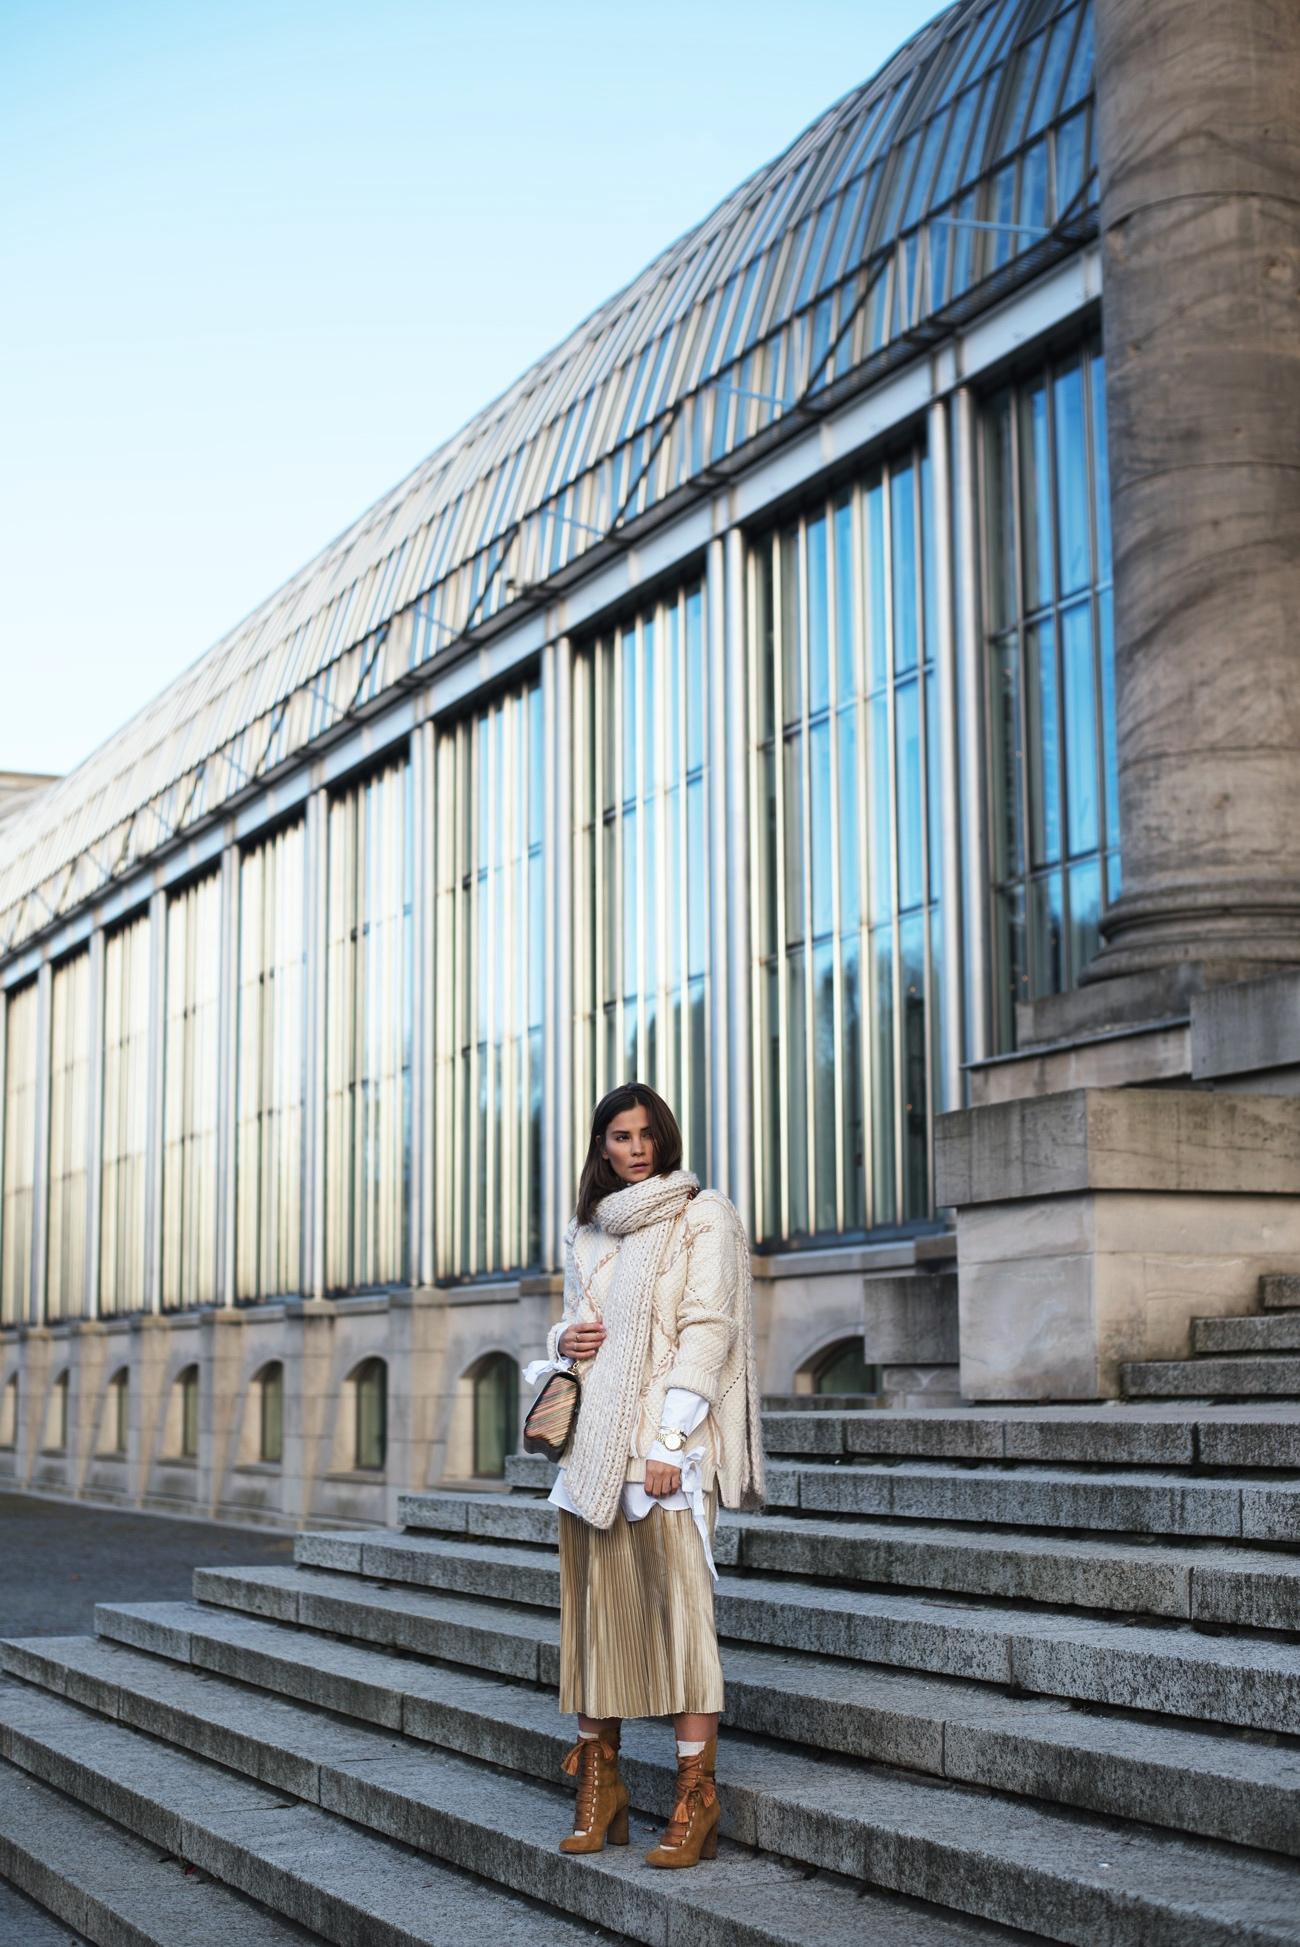 die-10-besten-fashion-blogs-deutschlands-muenchen-gute-qualitaet-und-hohe-reichweite-fashiioncarpet